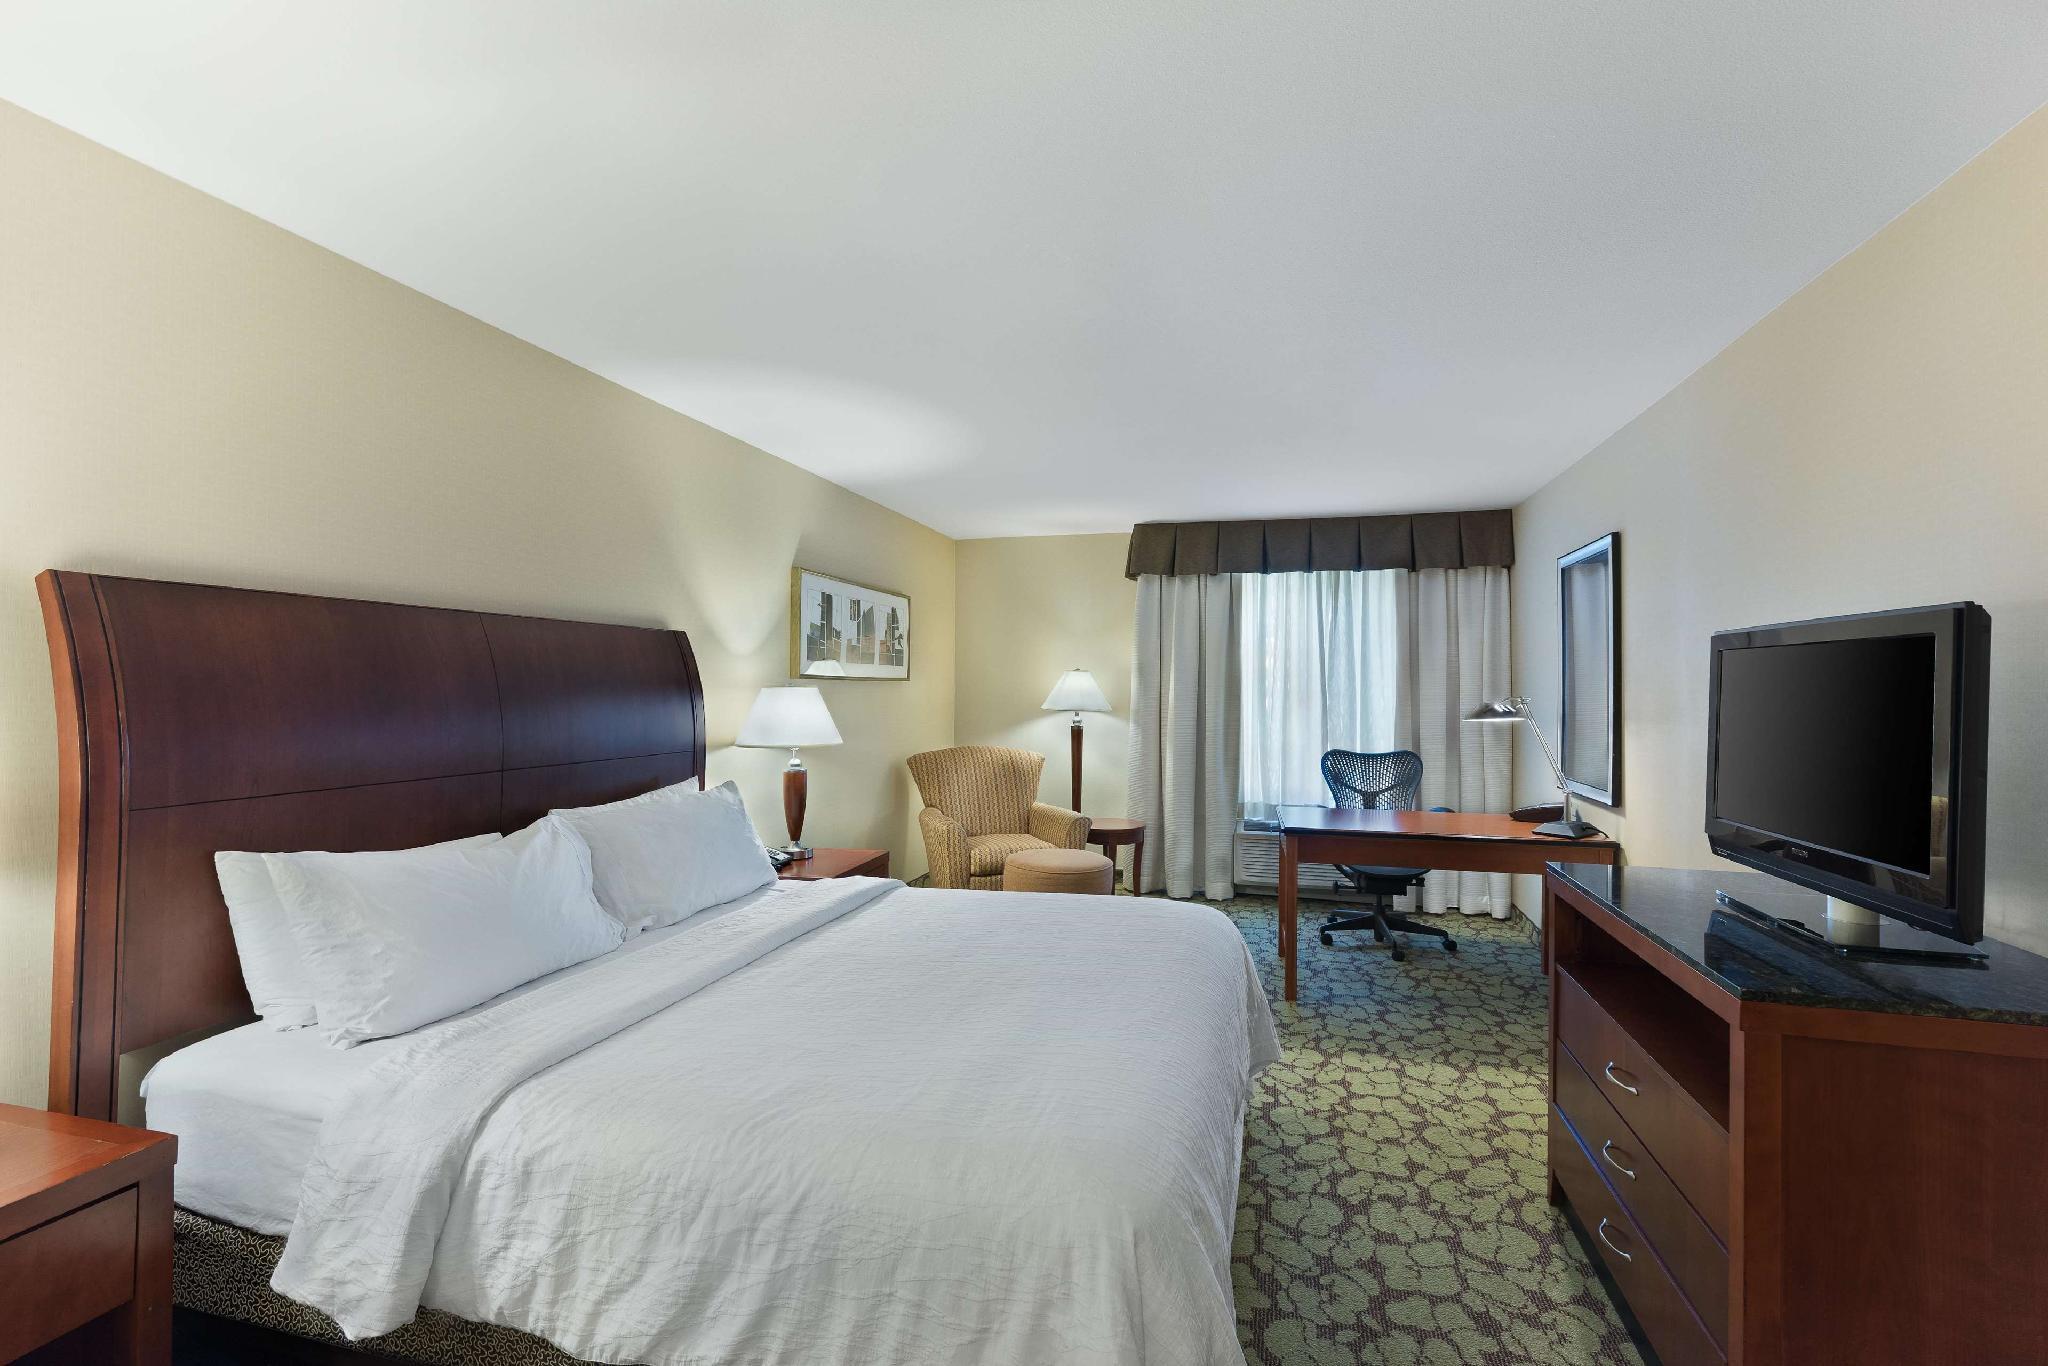 Beter Bed Slaapbank Driver.Hilton Garden Inn Lax El Segundo Hotel Los Angeles Boek Een